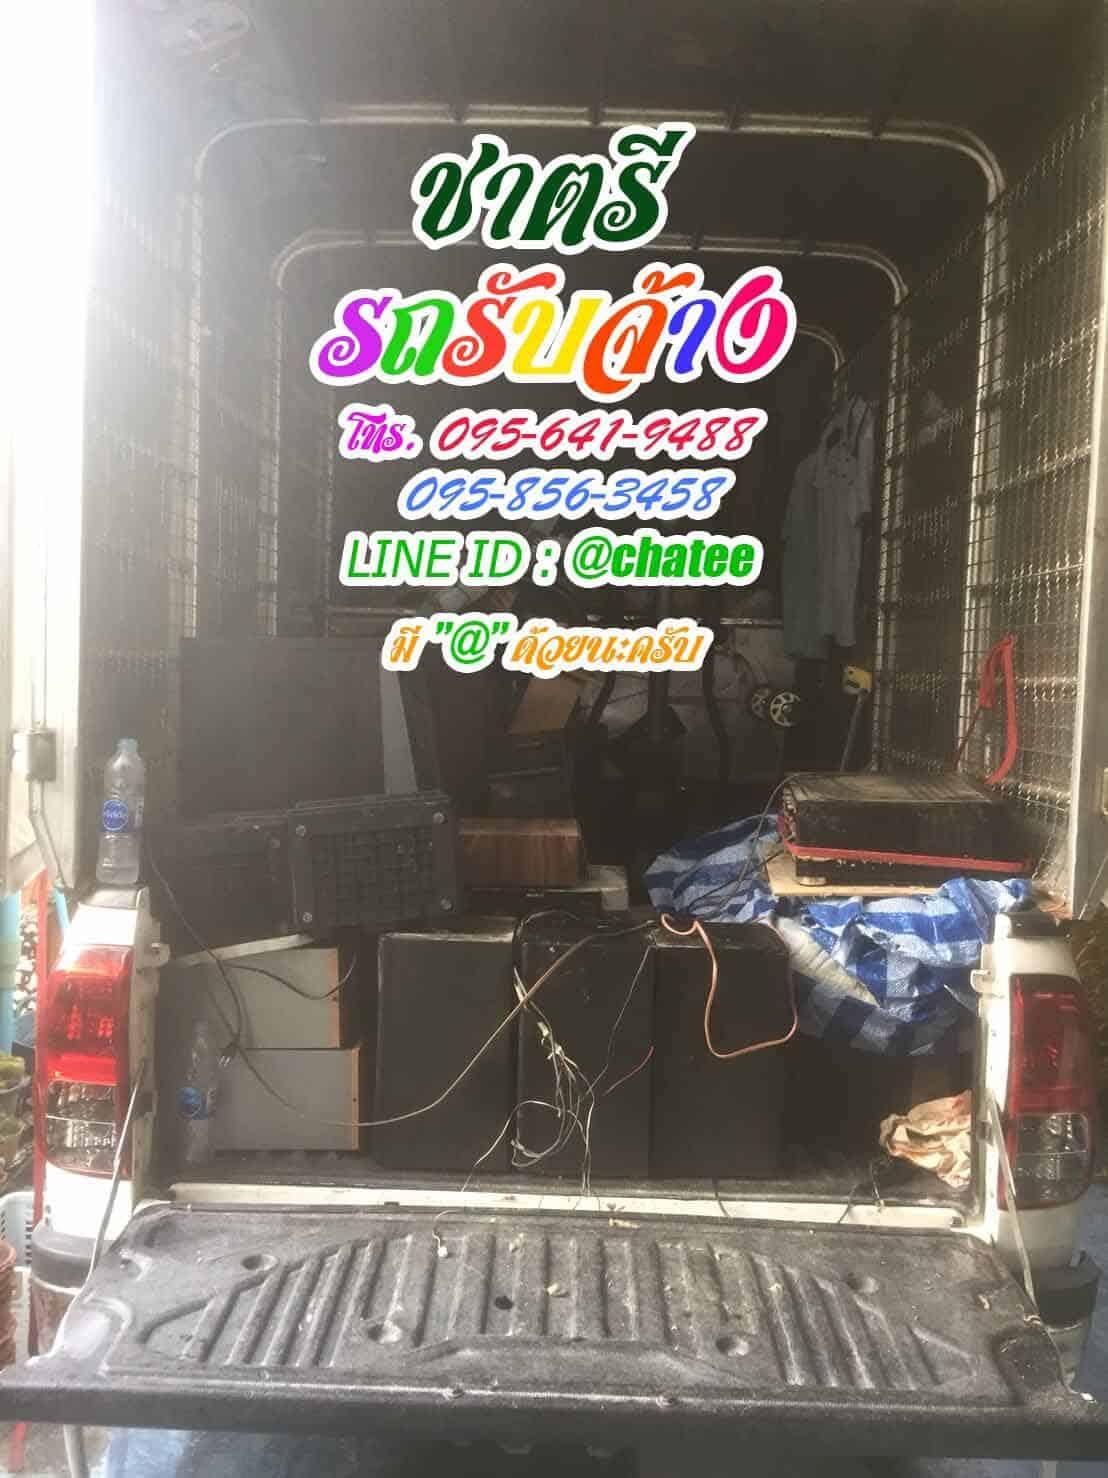 บริการรถขนของจากวัชรพลไปสุขุมวิท